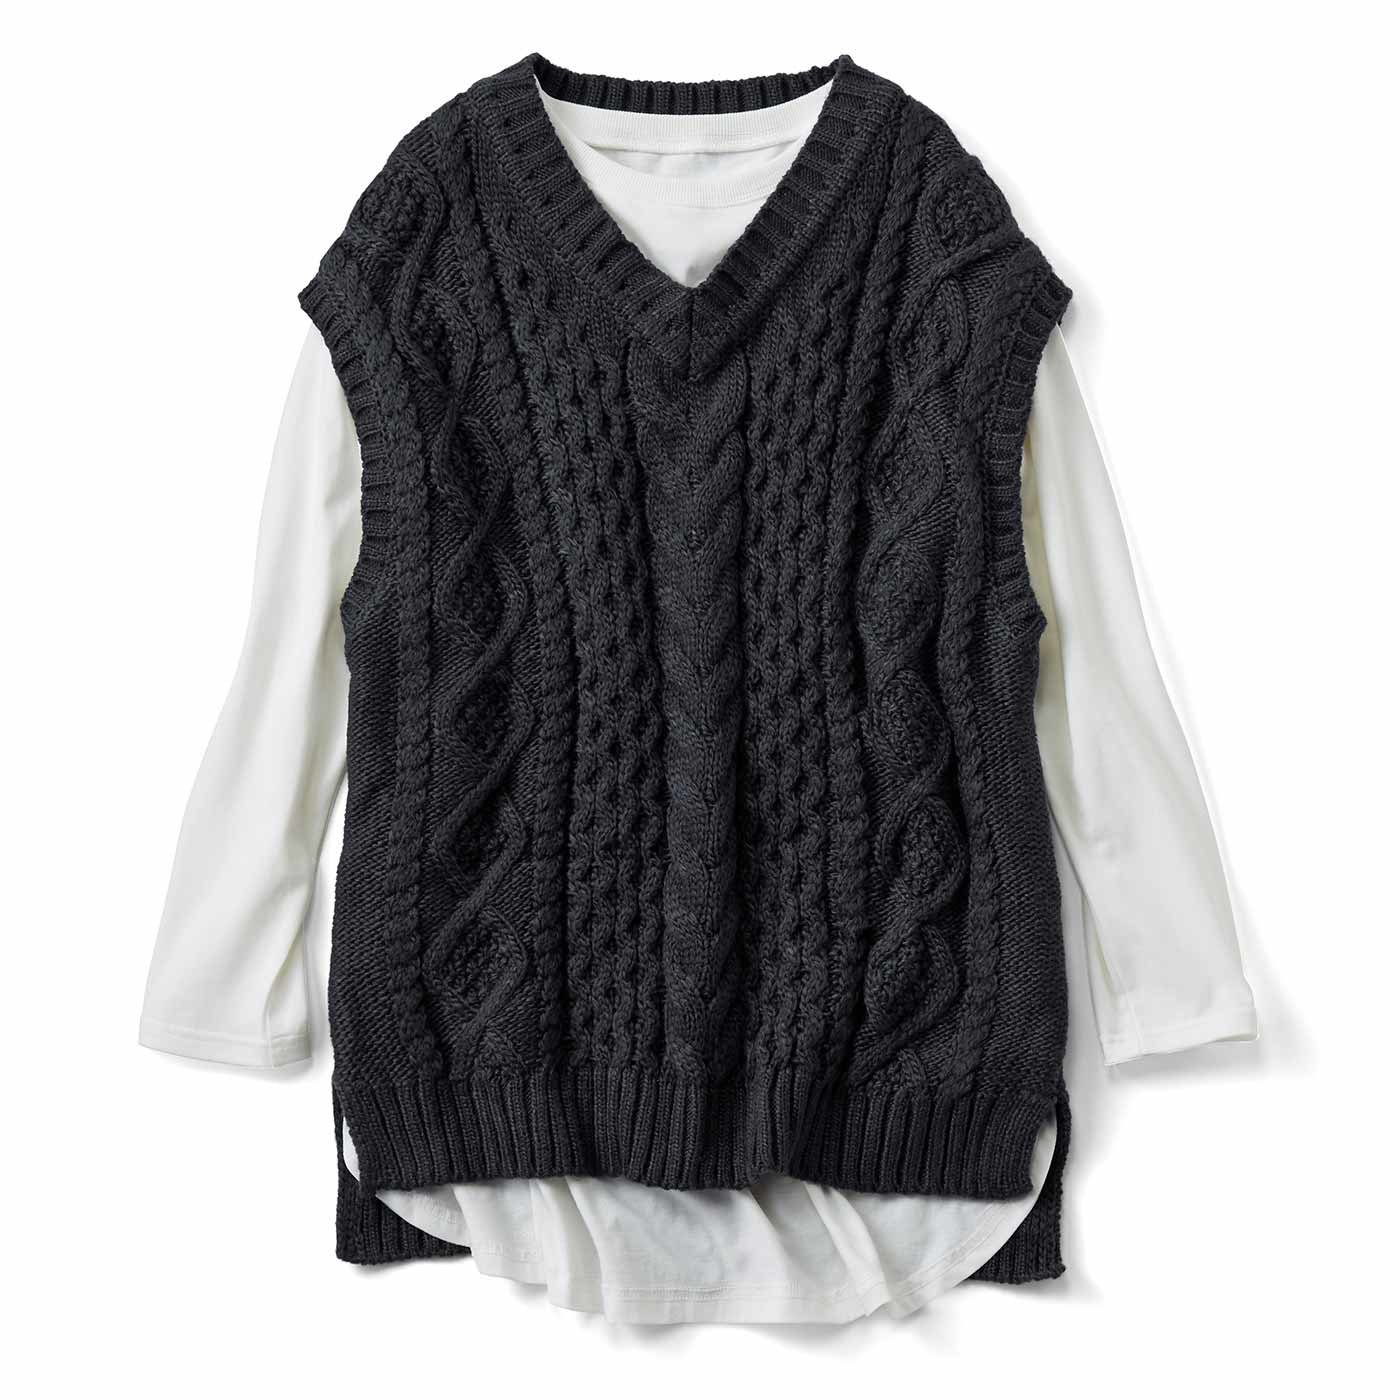 リブ イン コンフォート 着るだけで旬バランス! ざっくり編みのニットベストセット〈ダークグレー〉